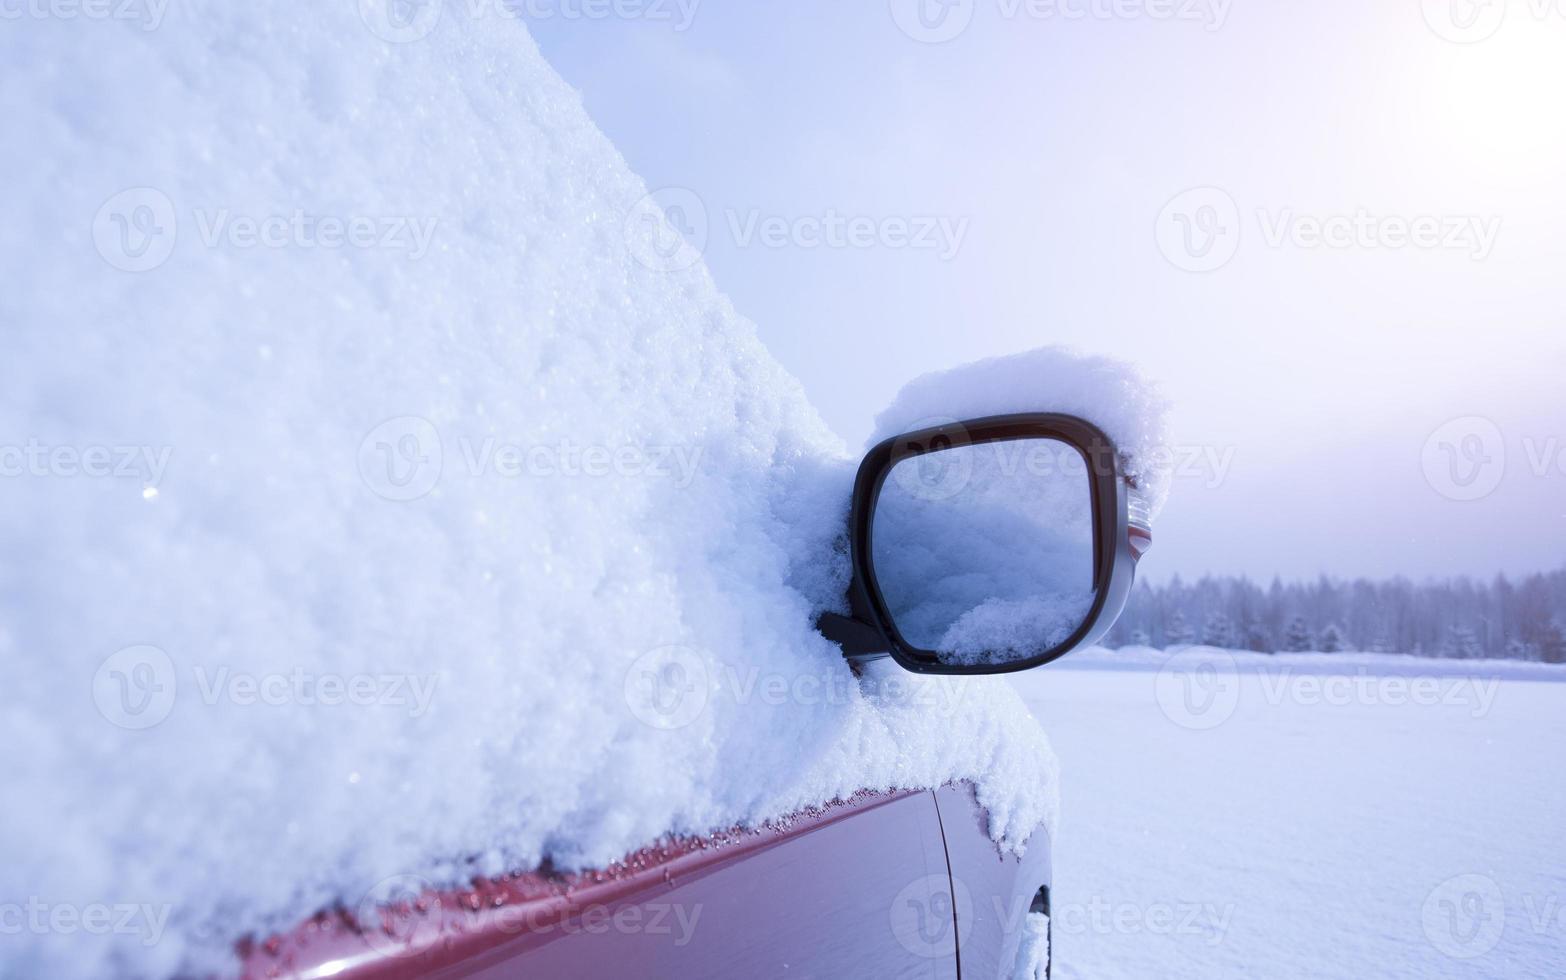 voiture couverte de neige photo